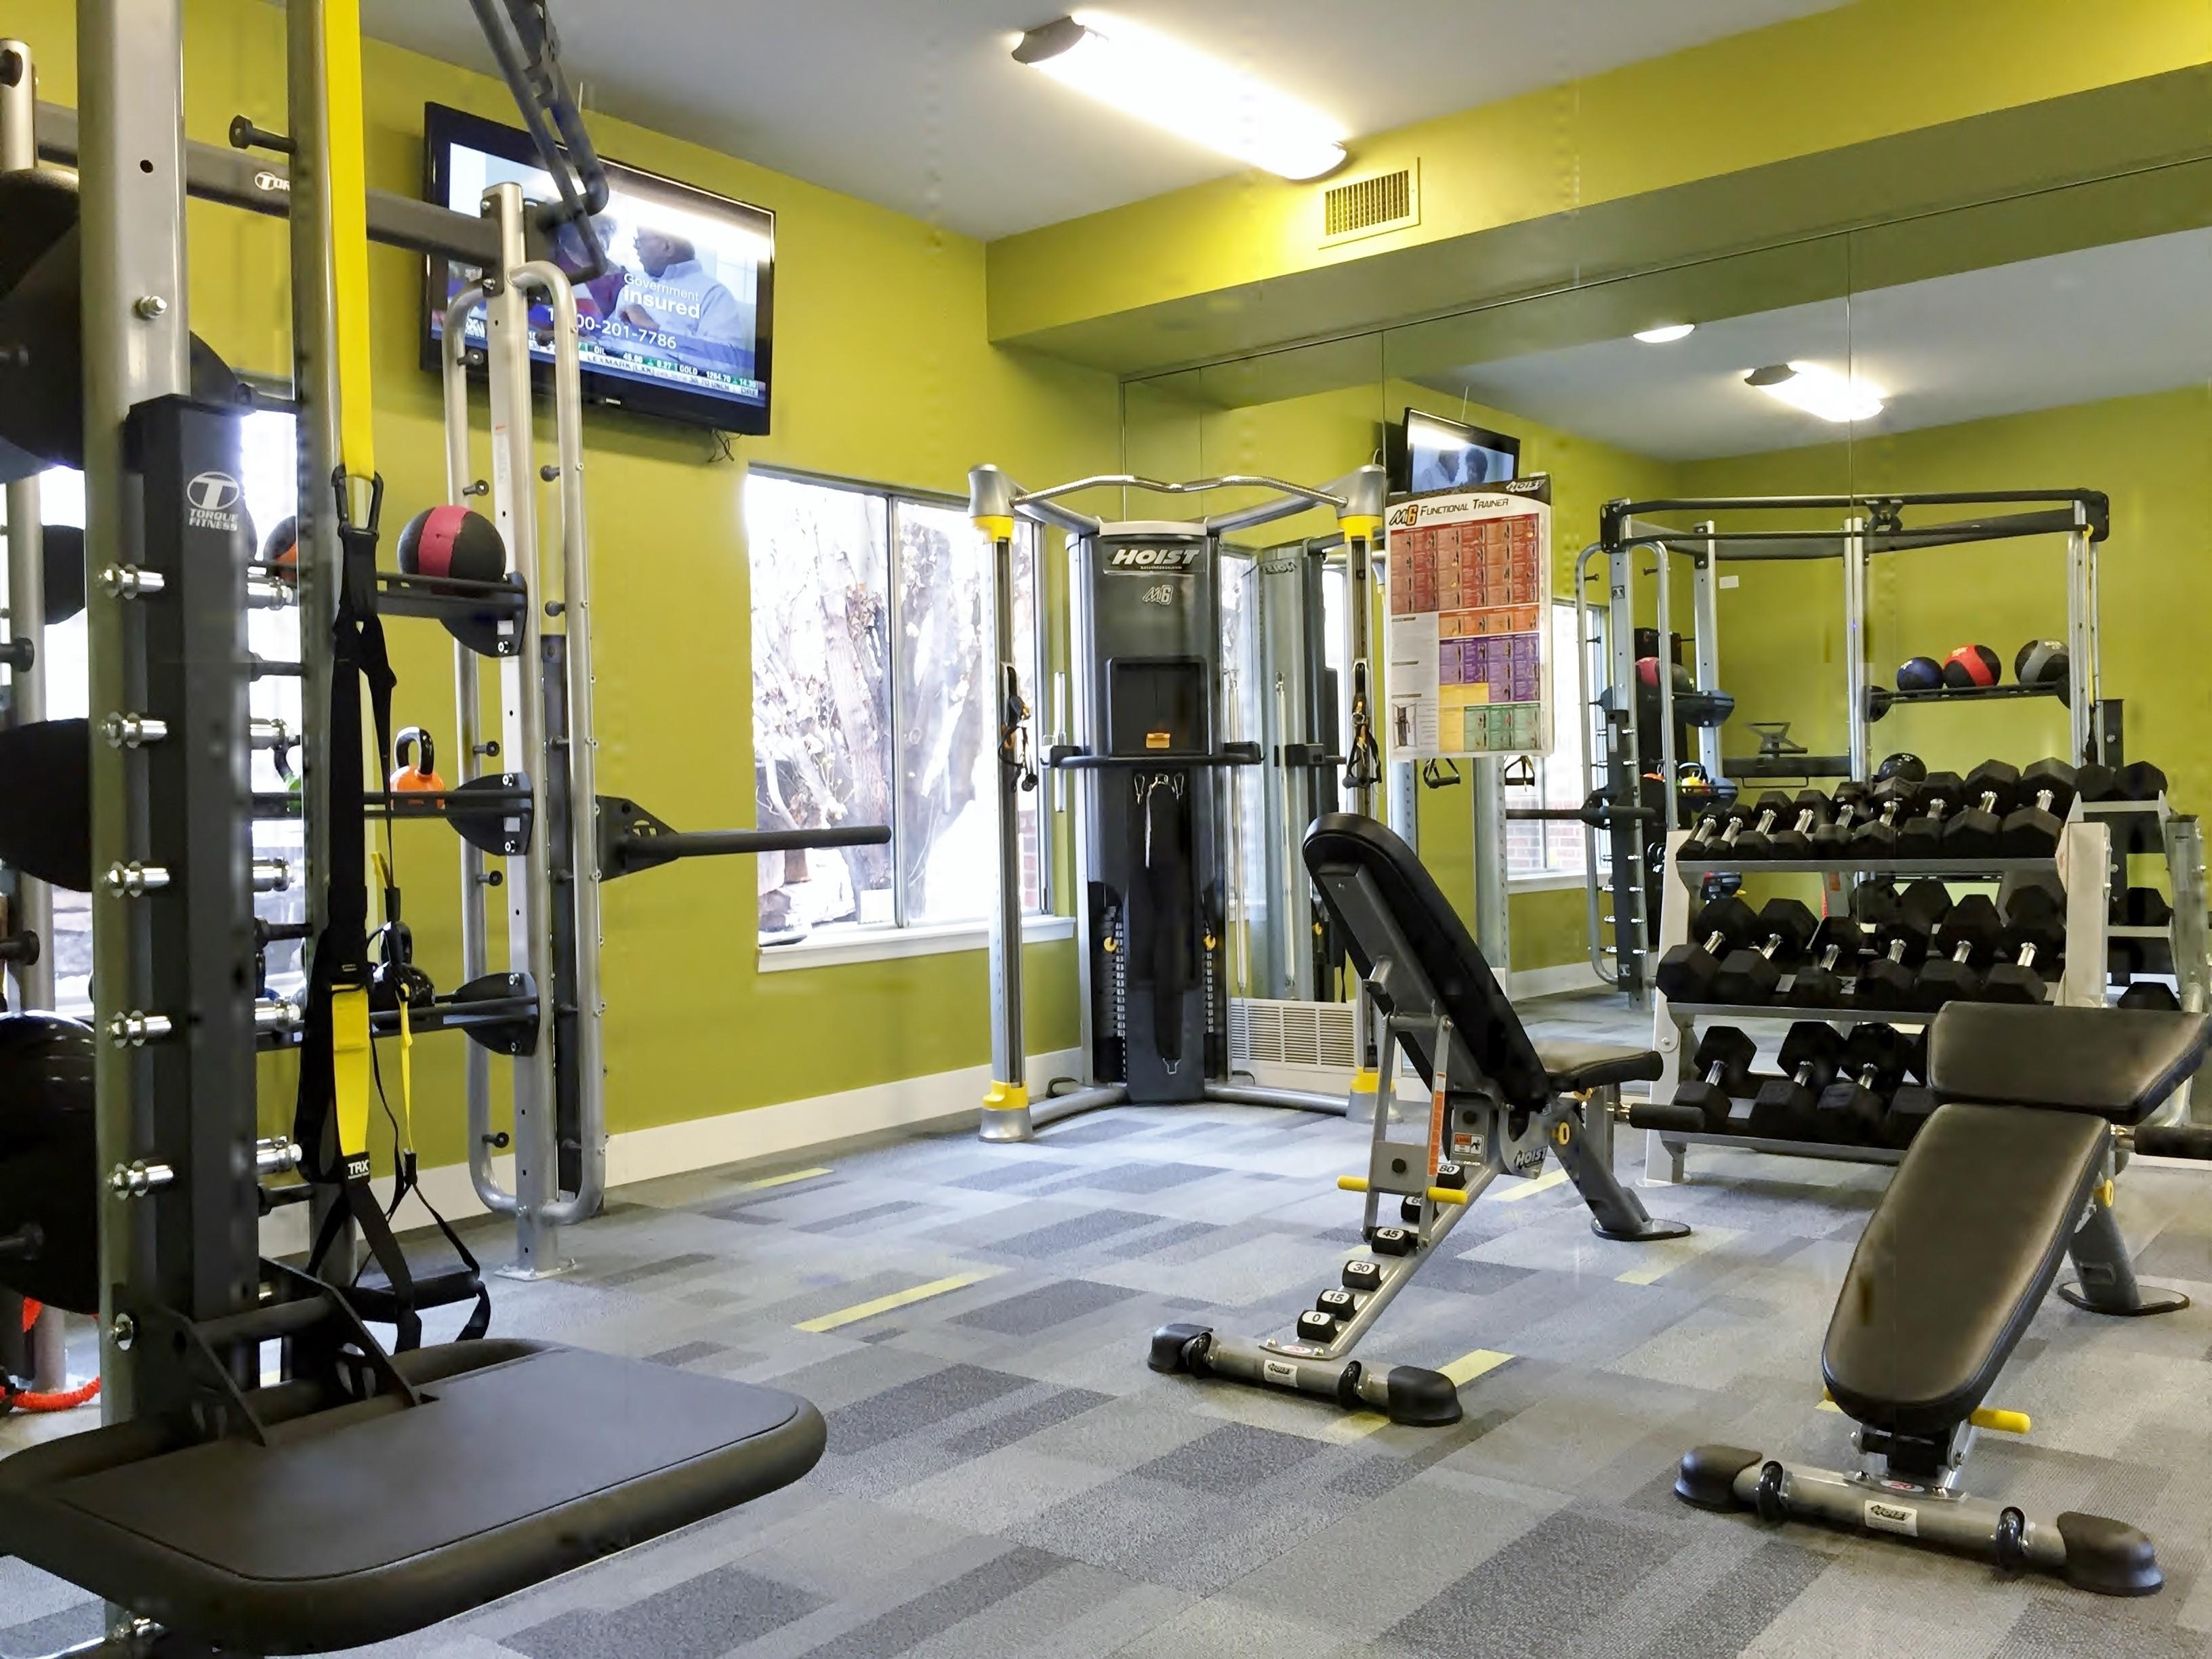 Edge Dtc 7500 E Quincy Ave Denver Co 80237 Apartment For Rent Padmapper